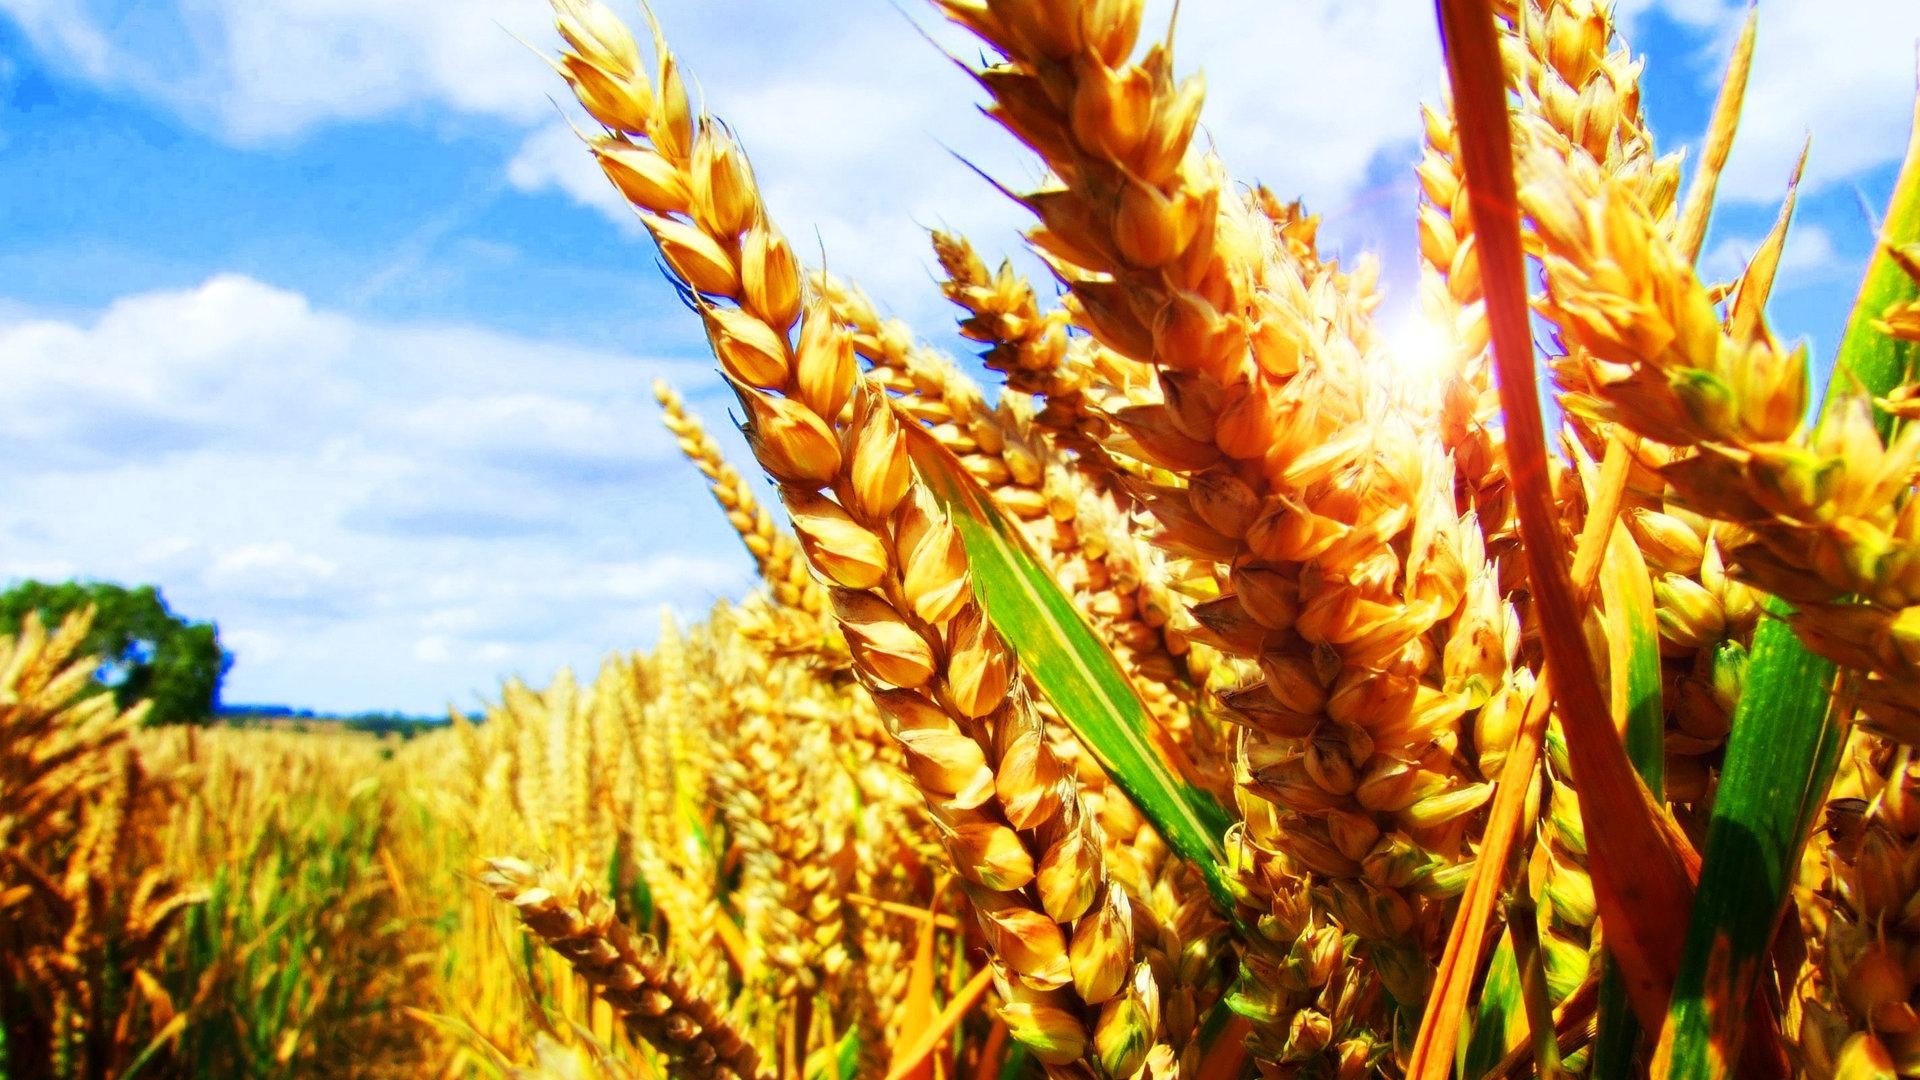 24437 скачать обои Растения, Пейзаж, Поля, Пшеница - заставки и картинки бесплатно